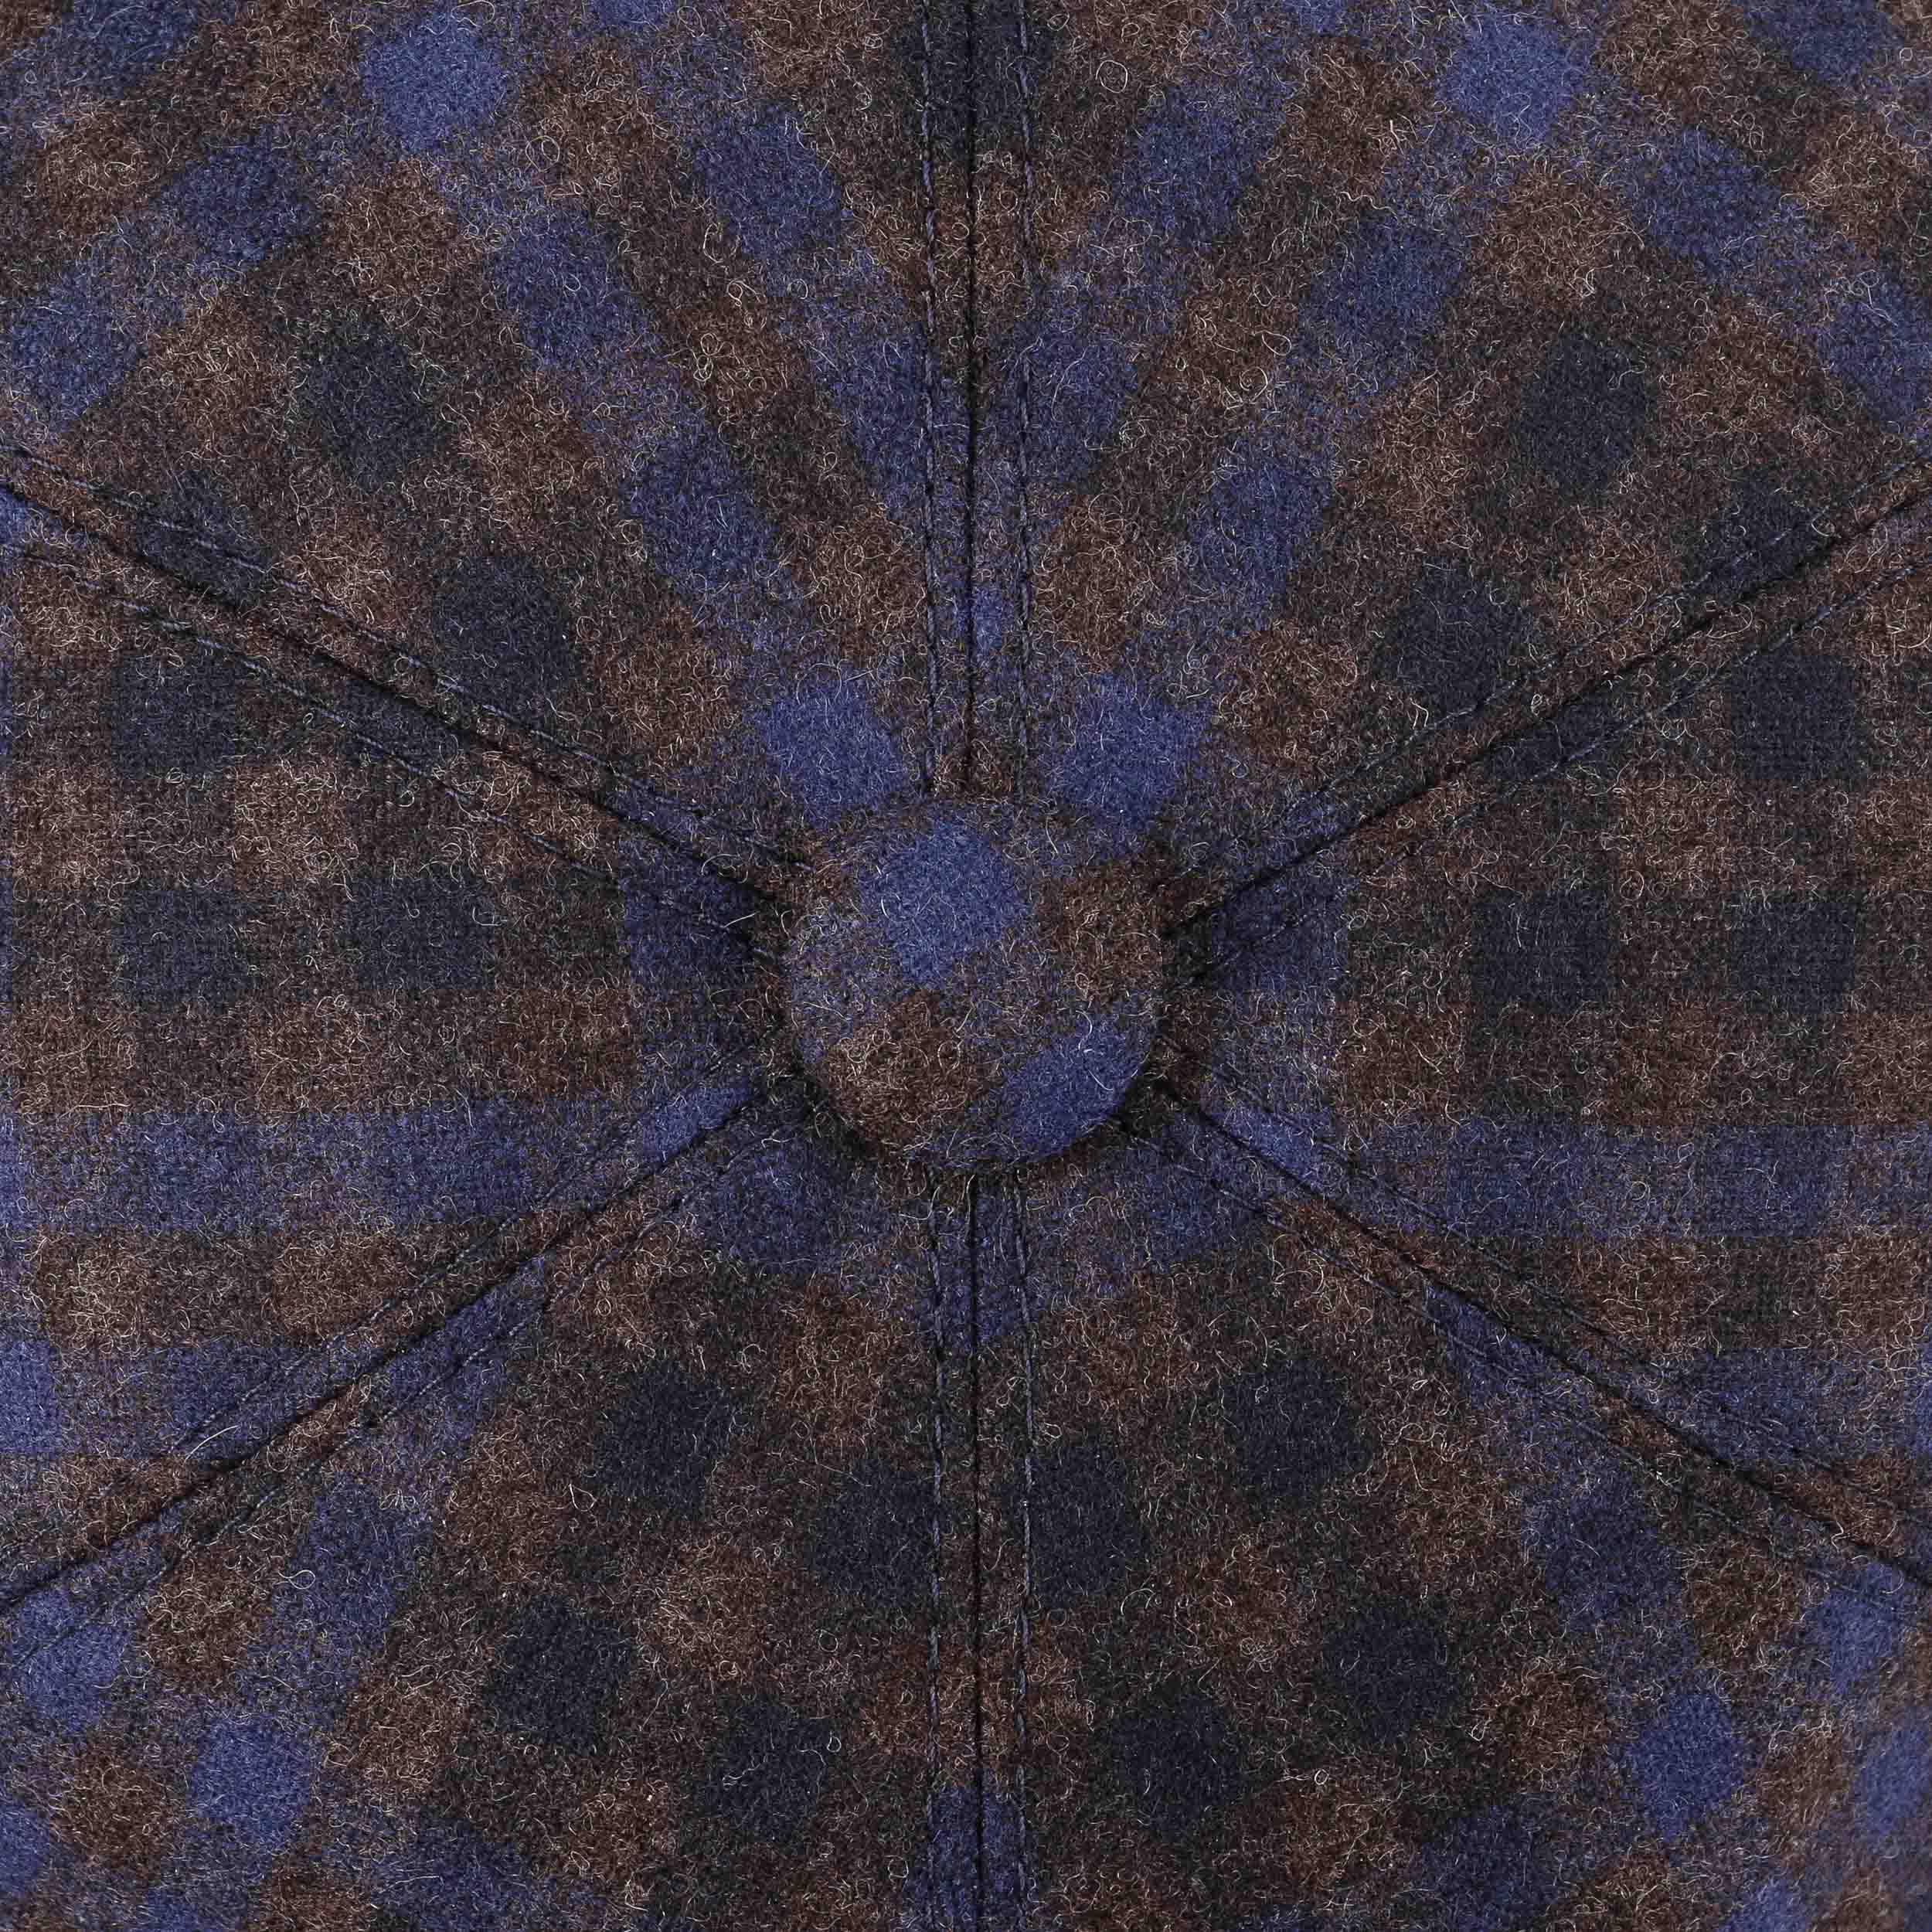 ... Coppola a Quadri Six Panel by Borsalino - blu 5 f83bc561e4fb